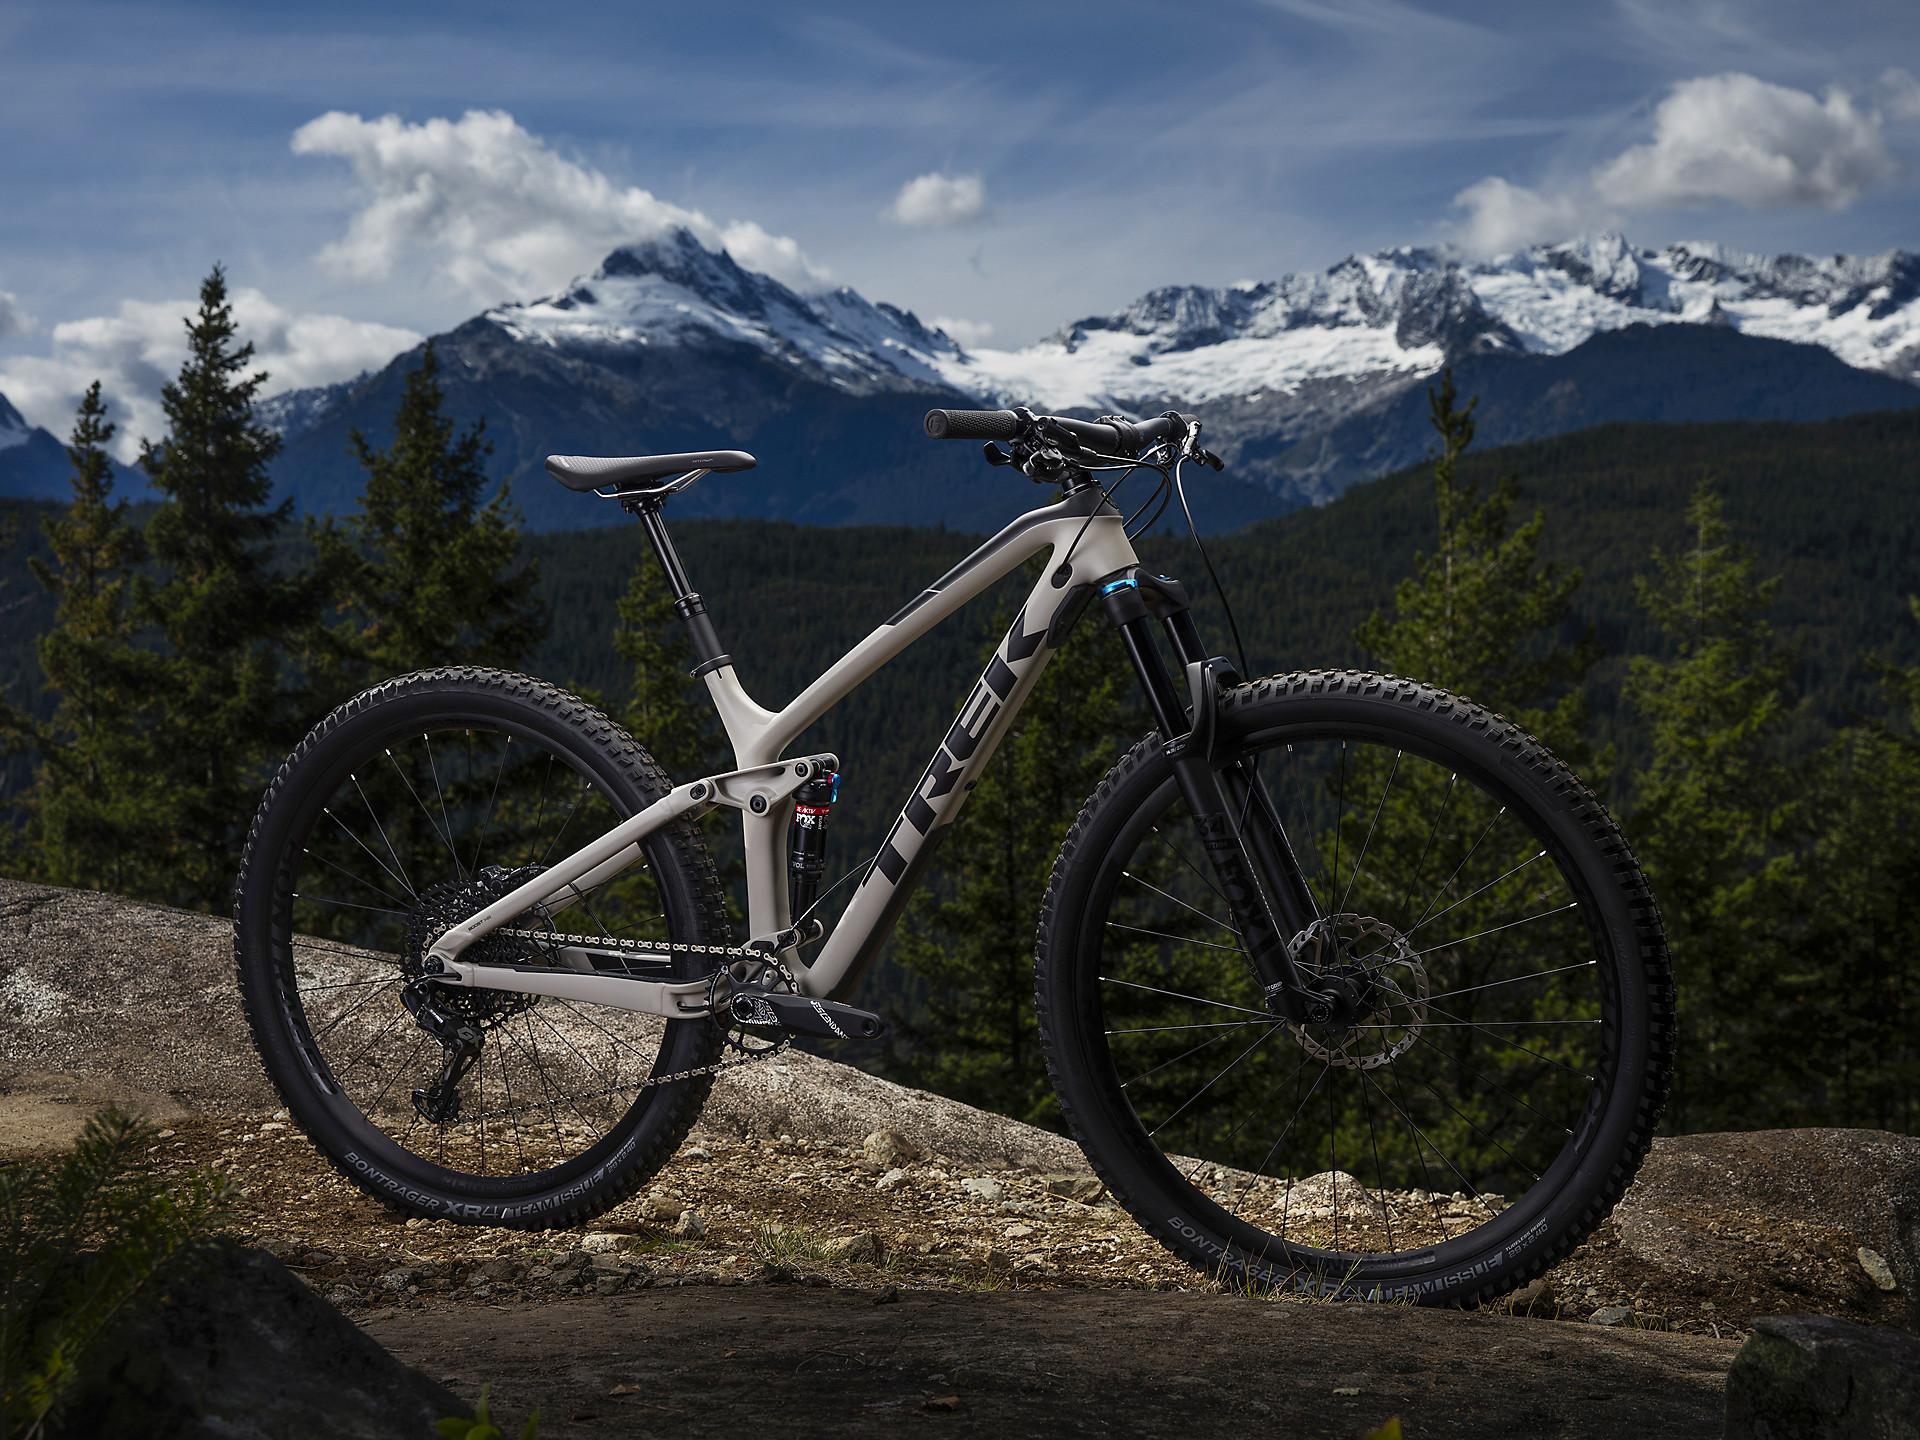 ee1fe95337c Fuel EX 9.7 29 | Trek Bikes (AU)